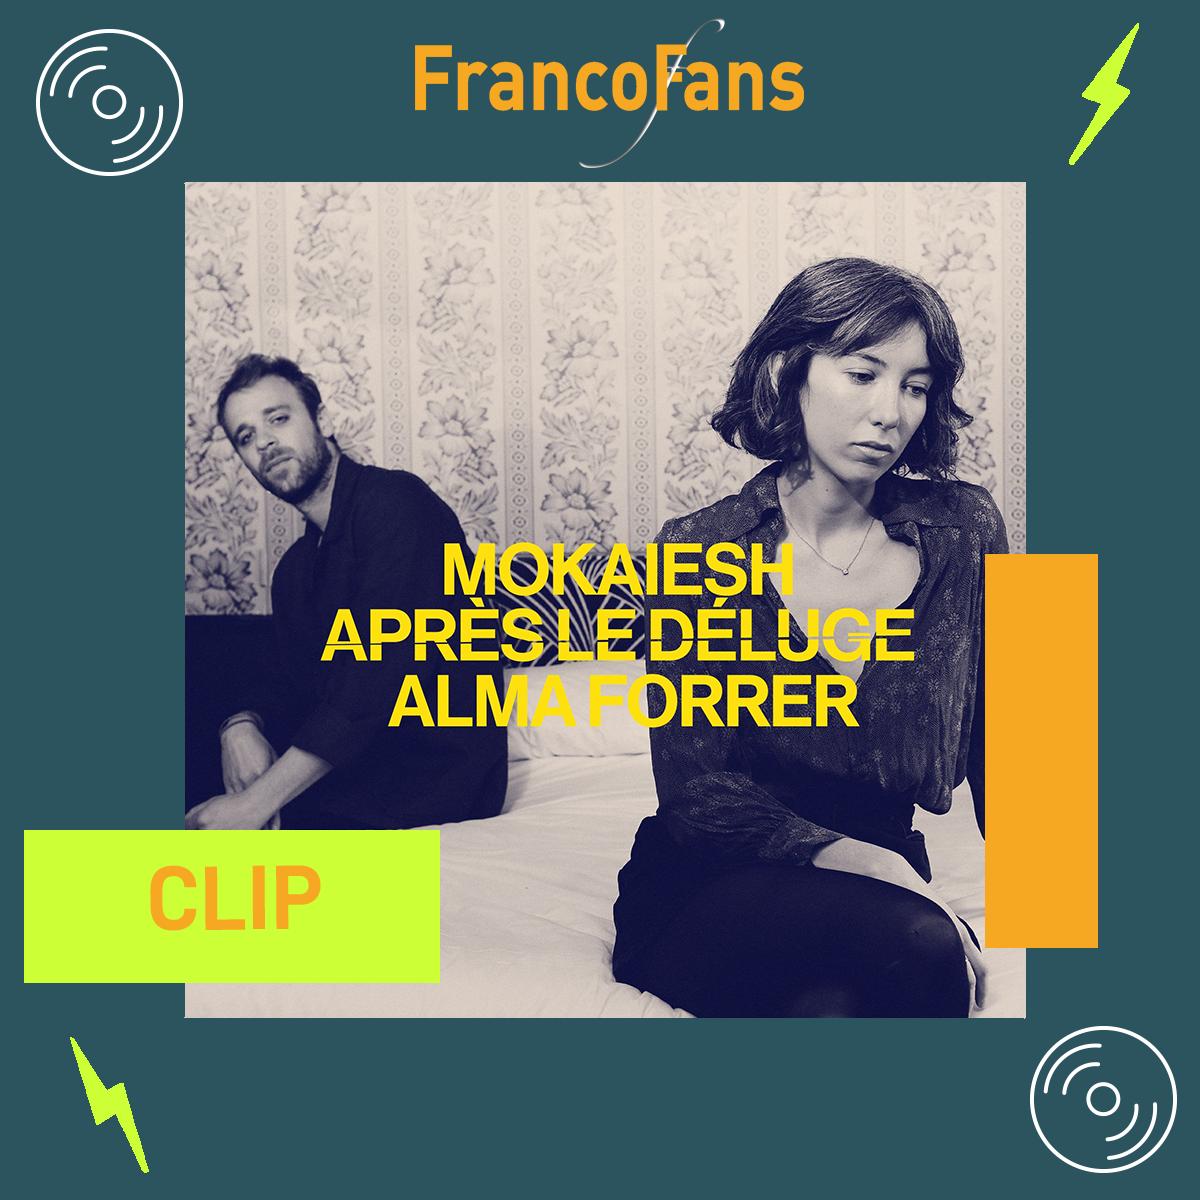 [Clip] Alma Forrer, Cyril Mokaiesh - Après le déluge